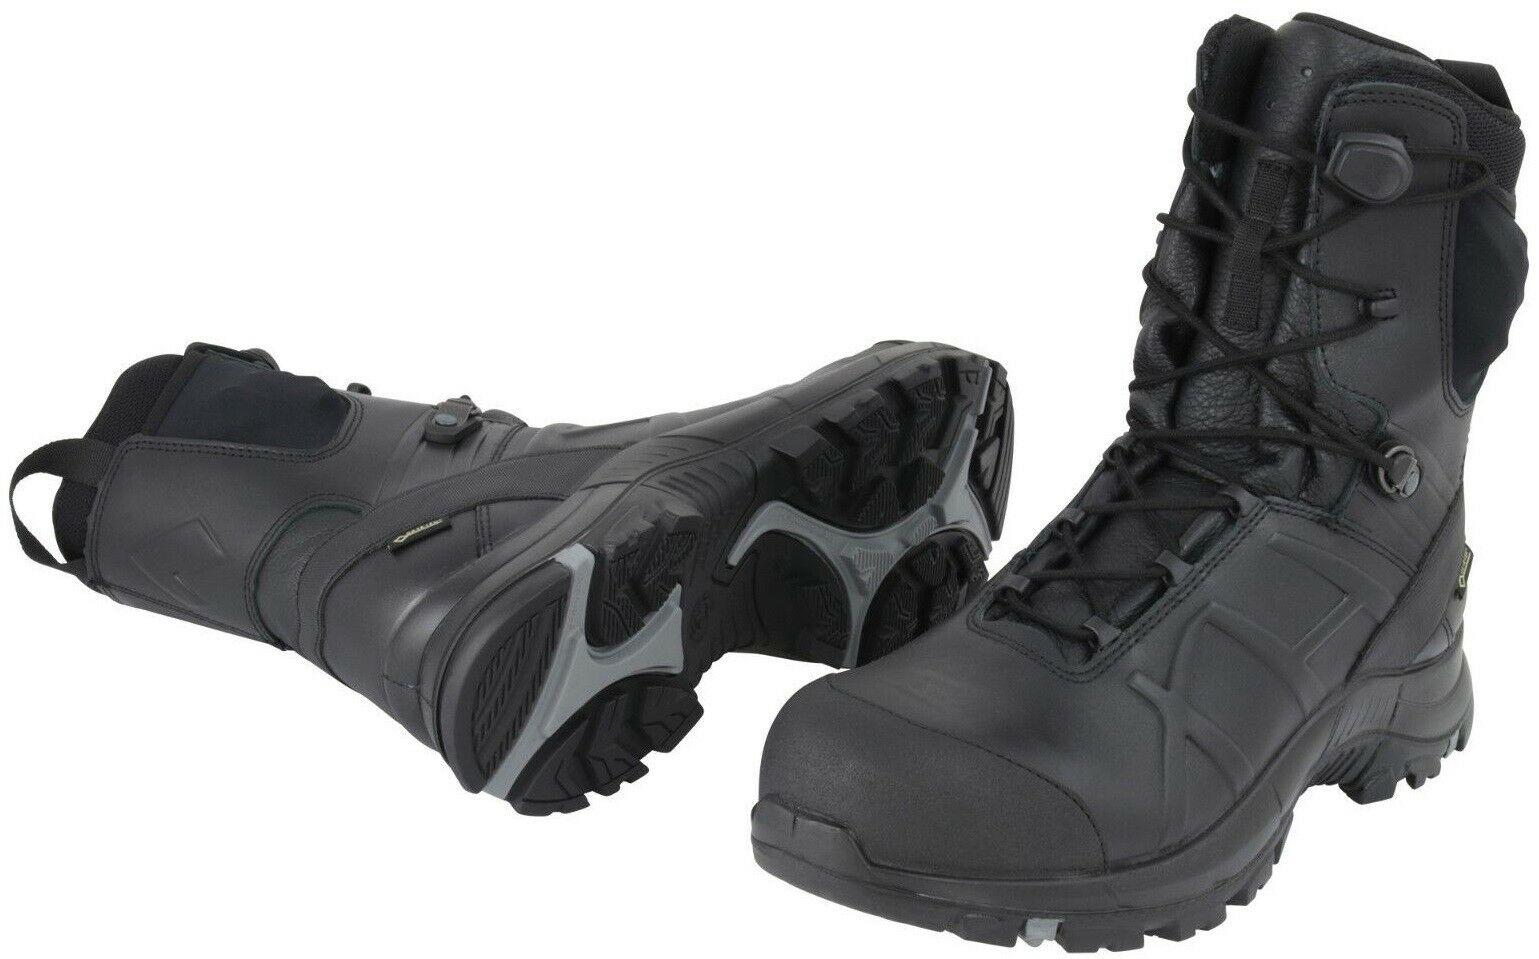 Haix Schwarz Eagle Sicherheit 50 Hoch 620010 GORE-TEX Sicherheit Stiefel